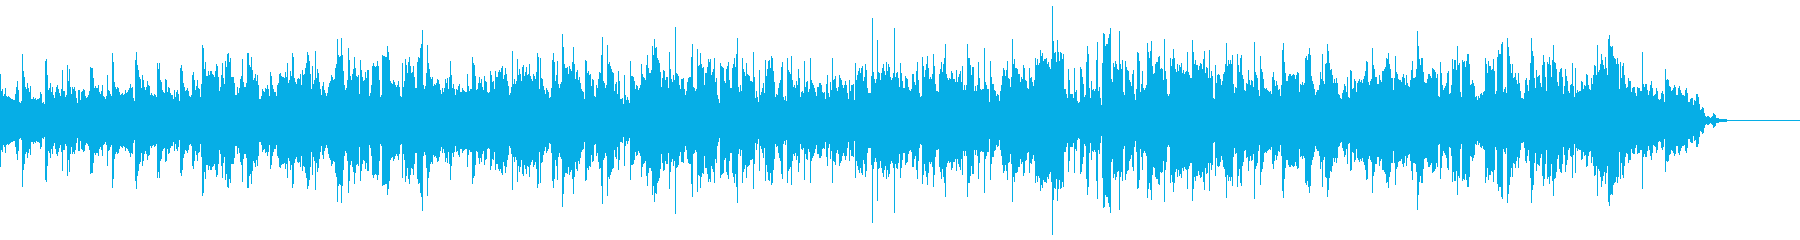 イングリッシュホルンによる癒しのナンバーの再生済みの波形